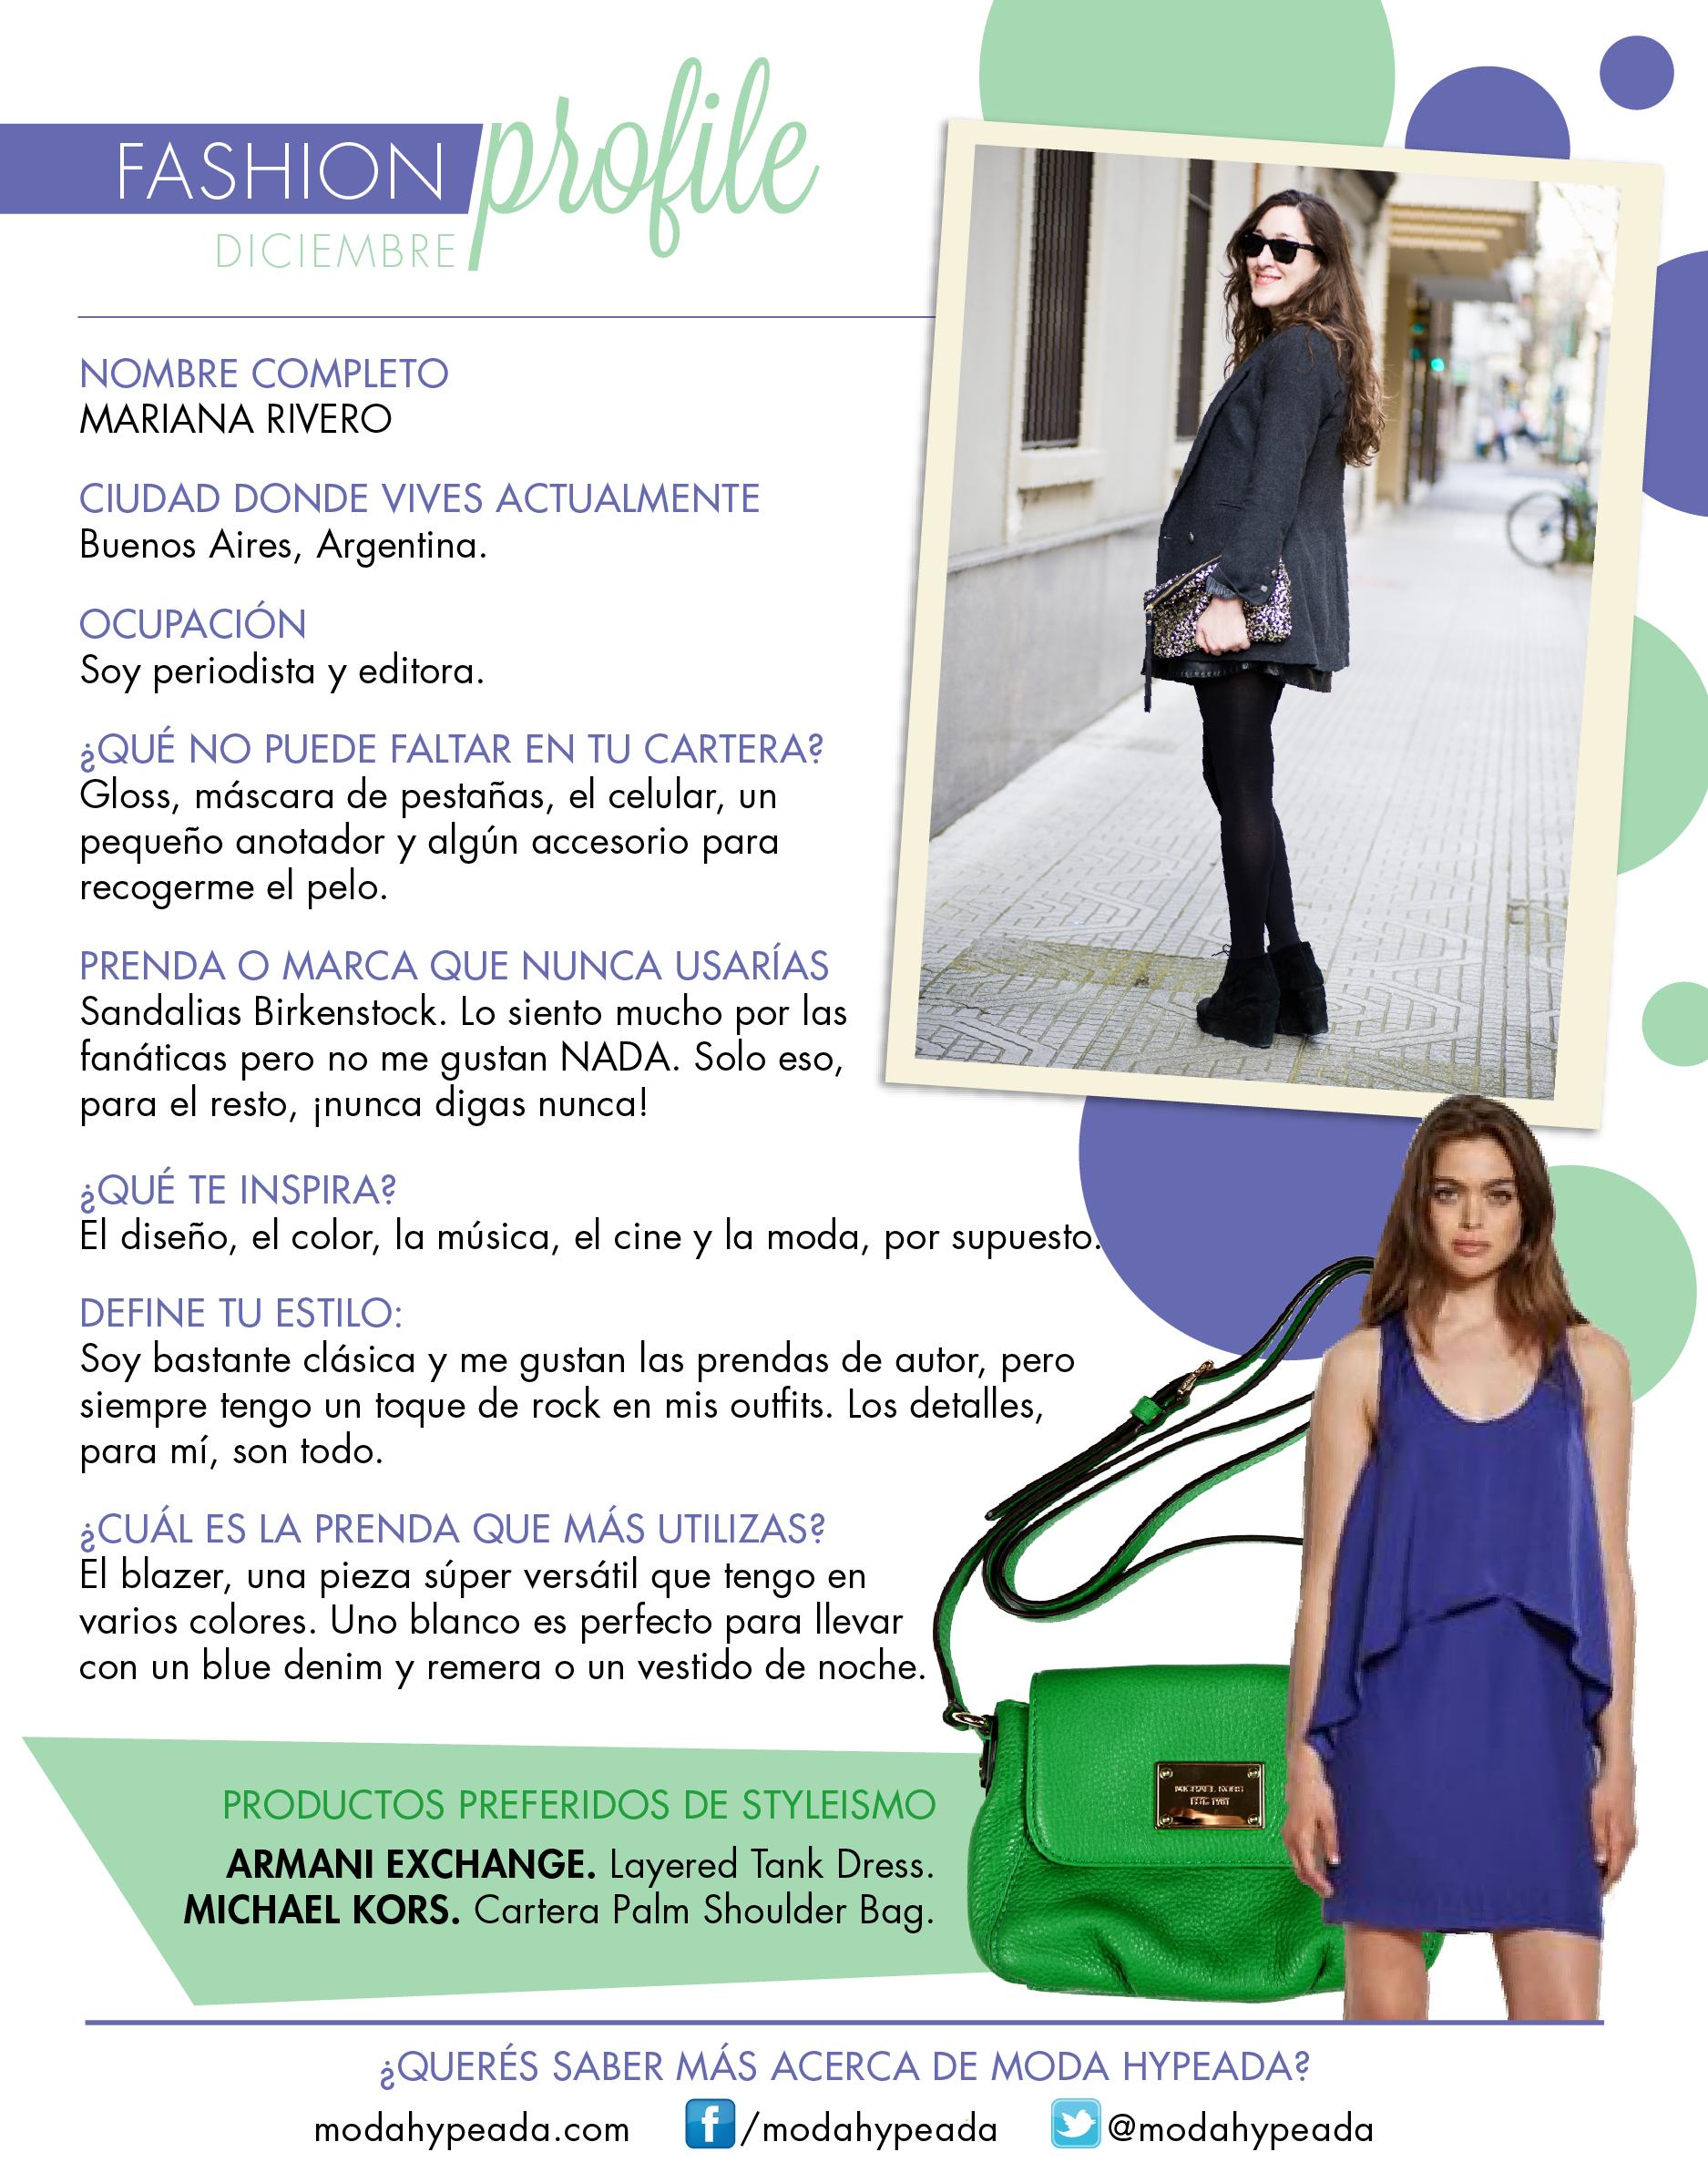 #FashionProfile de Diciembre 2013: Conocé más sobre Mariana Riveiro, periodista de OHLALÁ! y creadora de ModaHypeada.